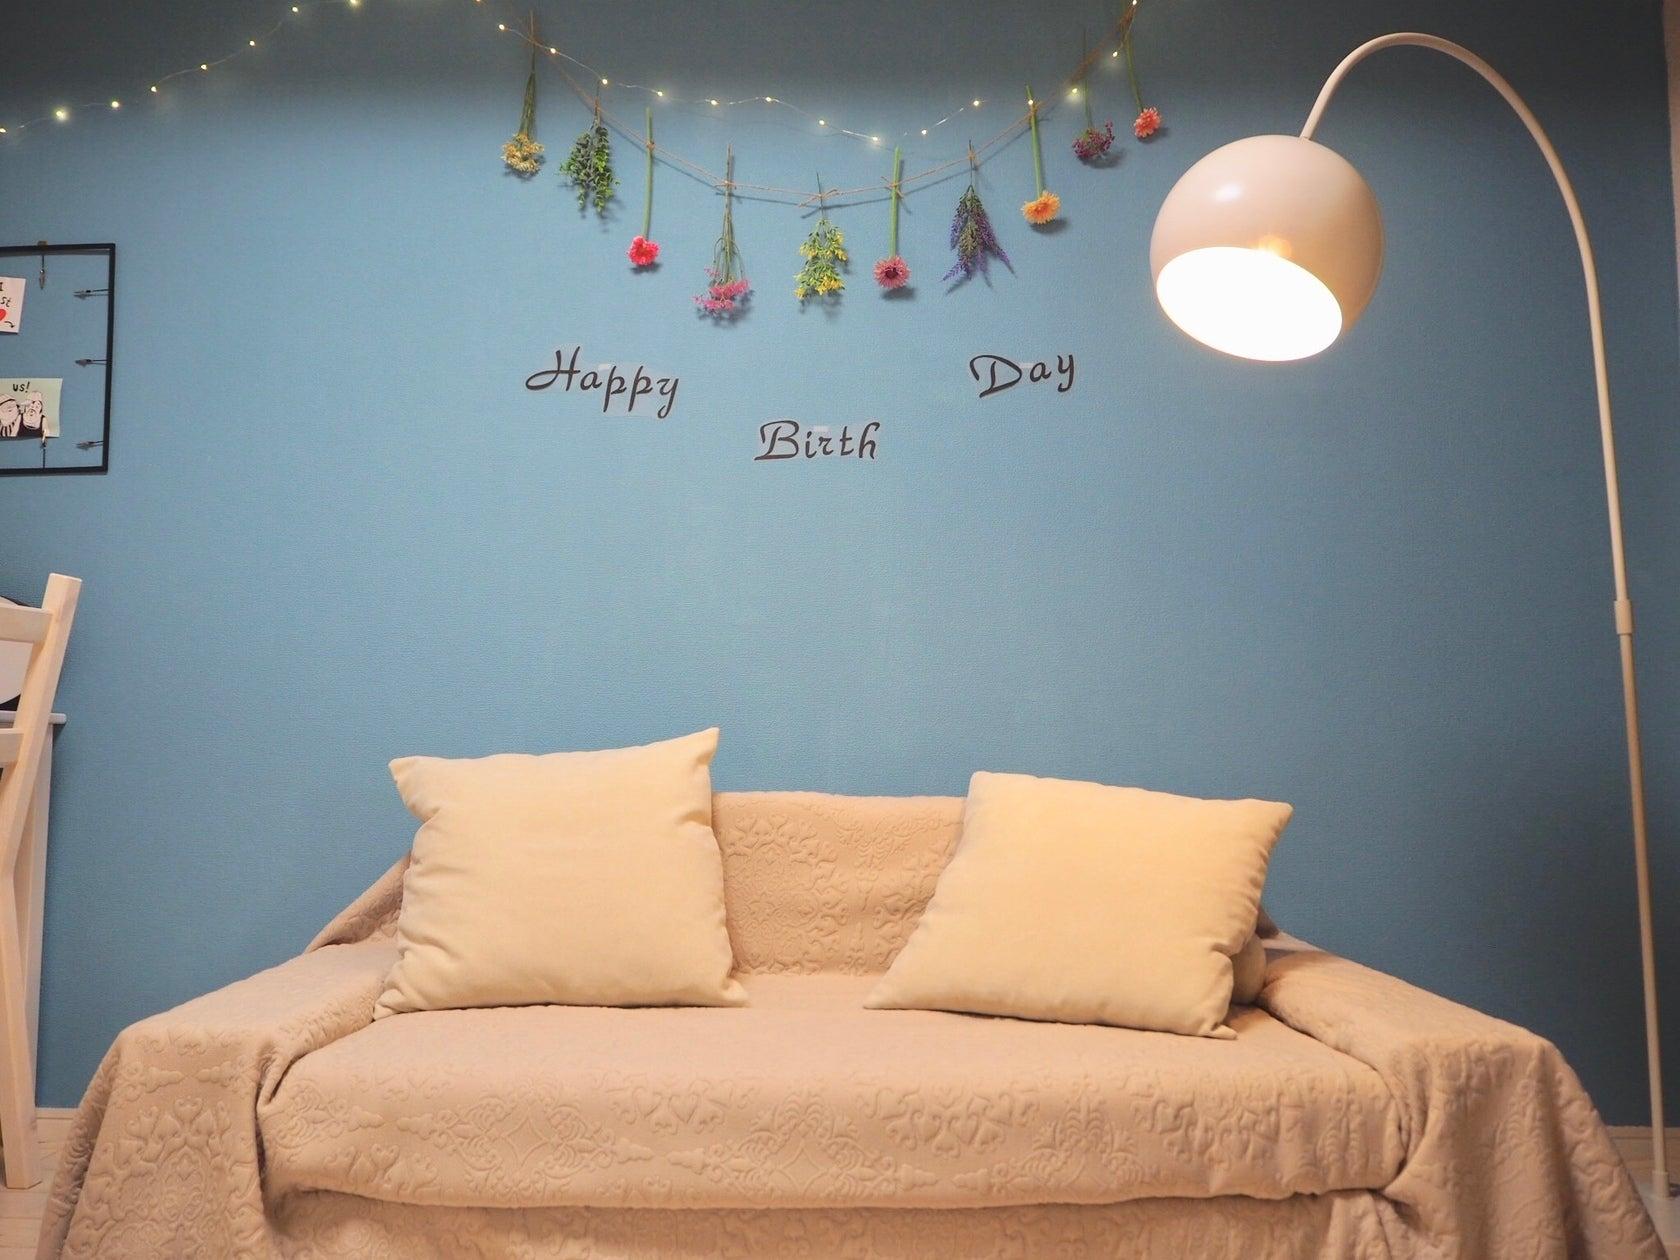 壁には両面テープでメッセージを張りつけて飾りつけも可能!